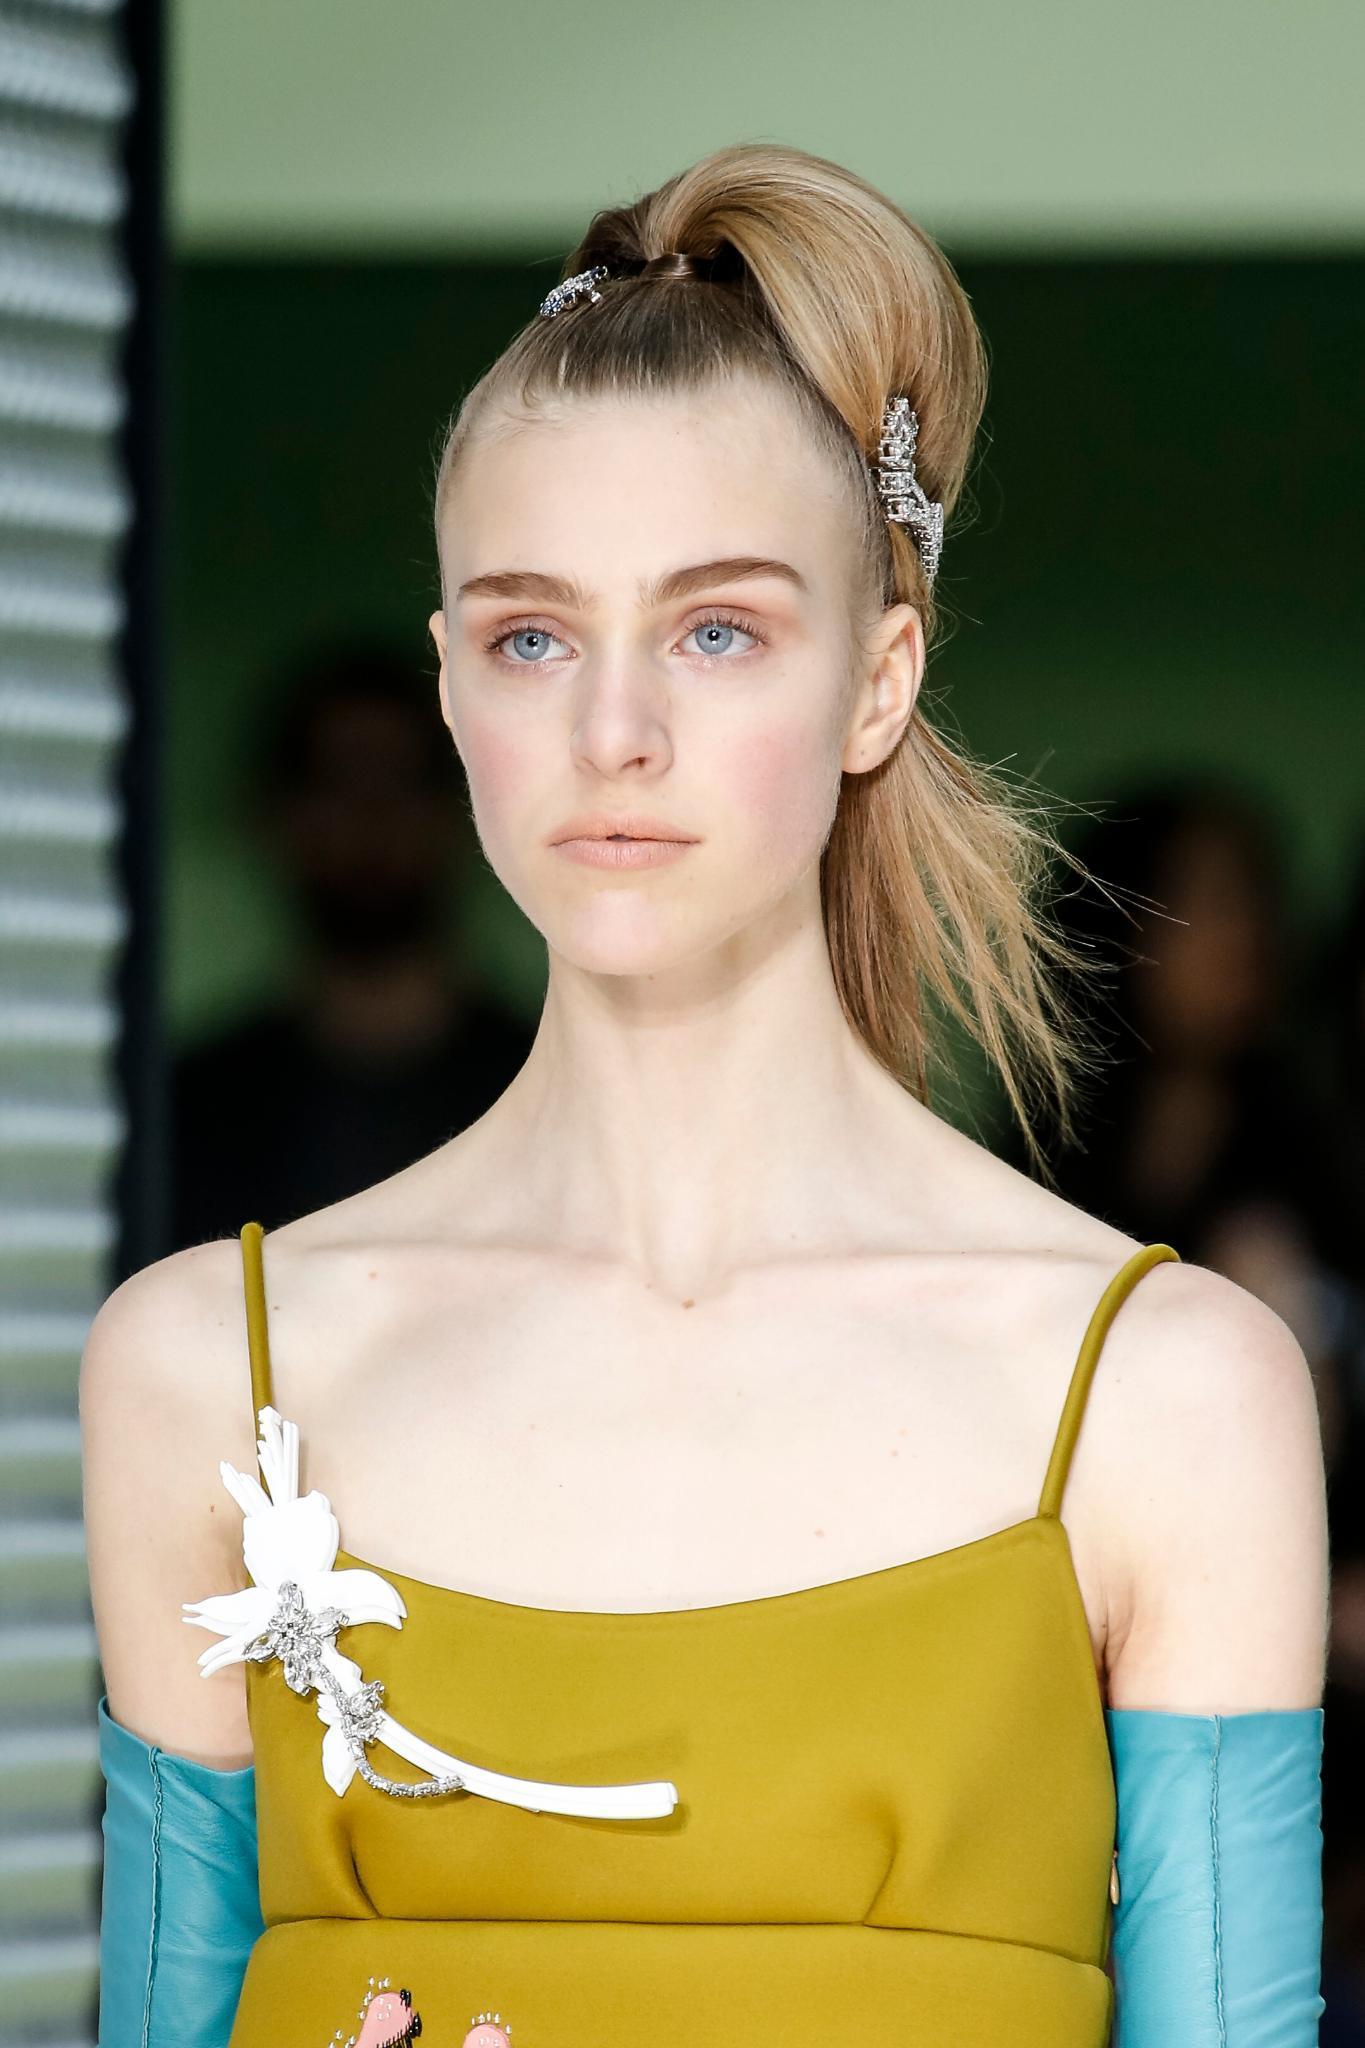 modelo rubia con peinado recogido alto